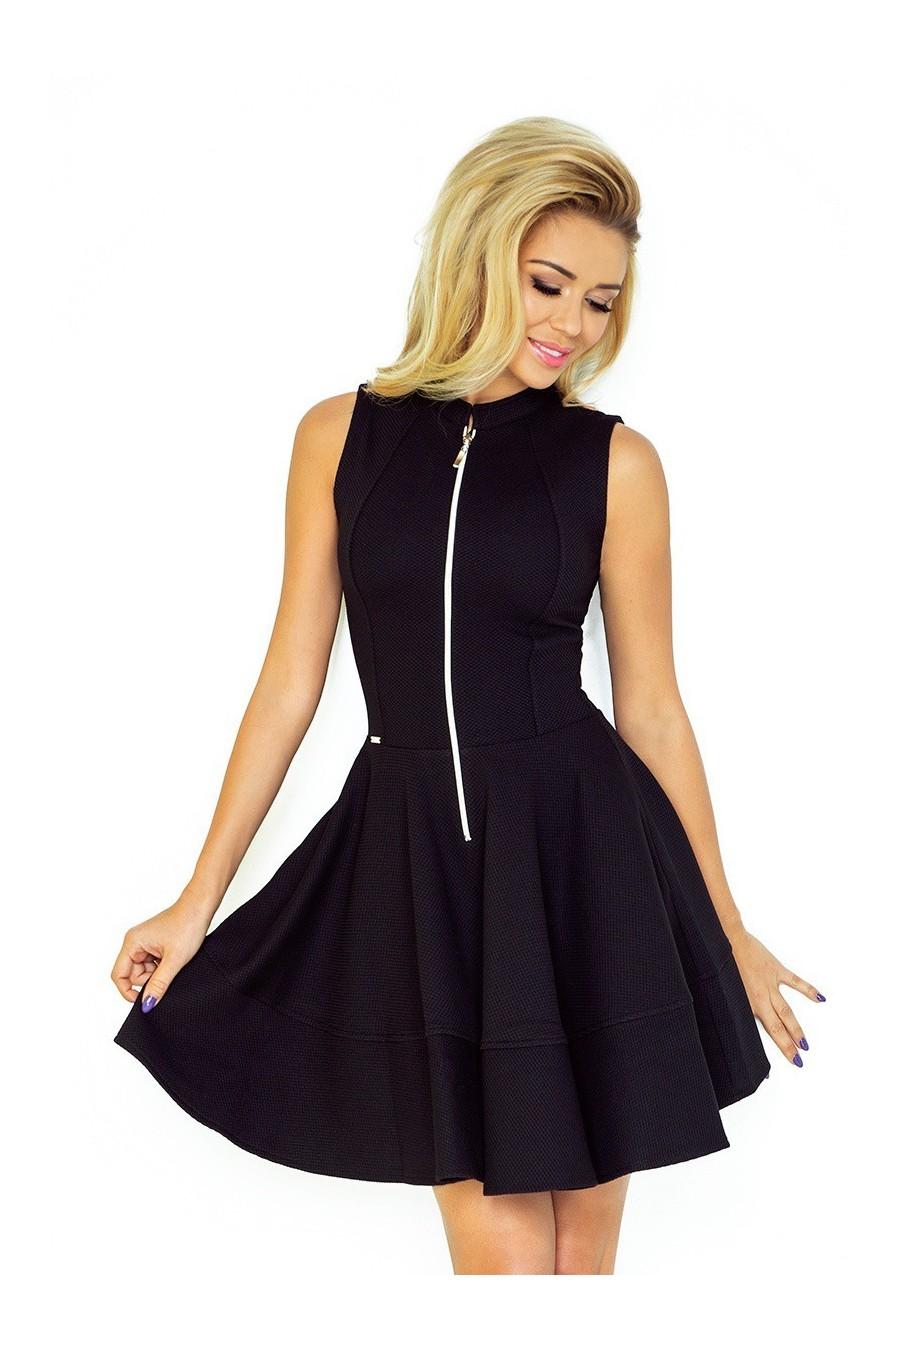 d71be7079dbc Dámske šaty na zips 2888 - Spoločenské šaty Online